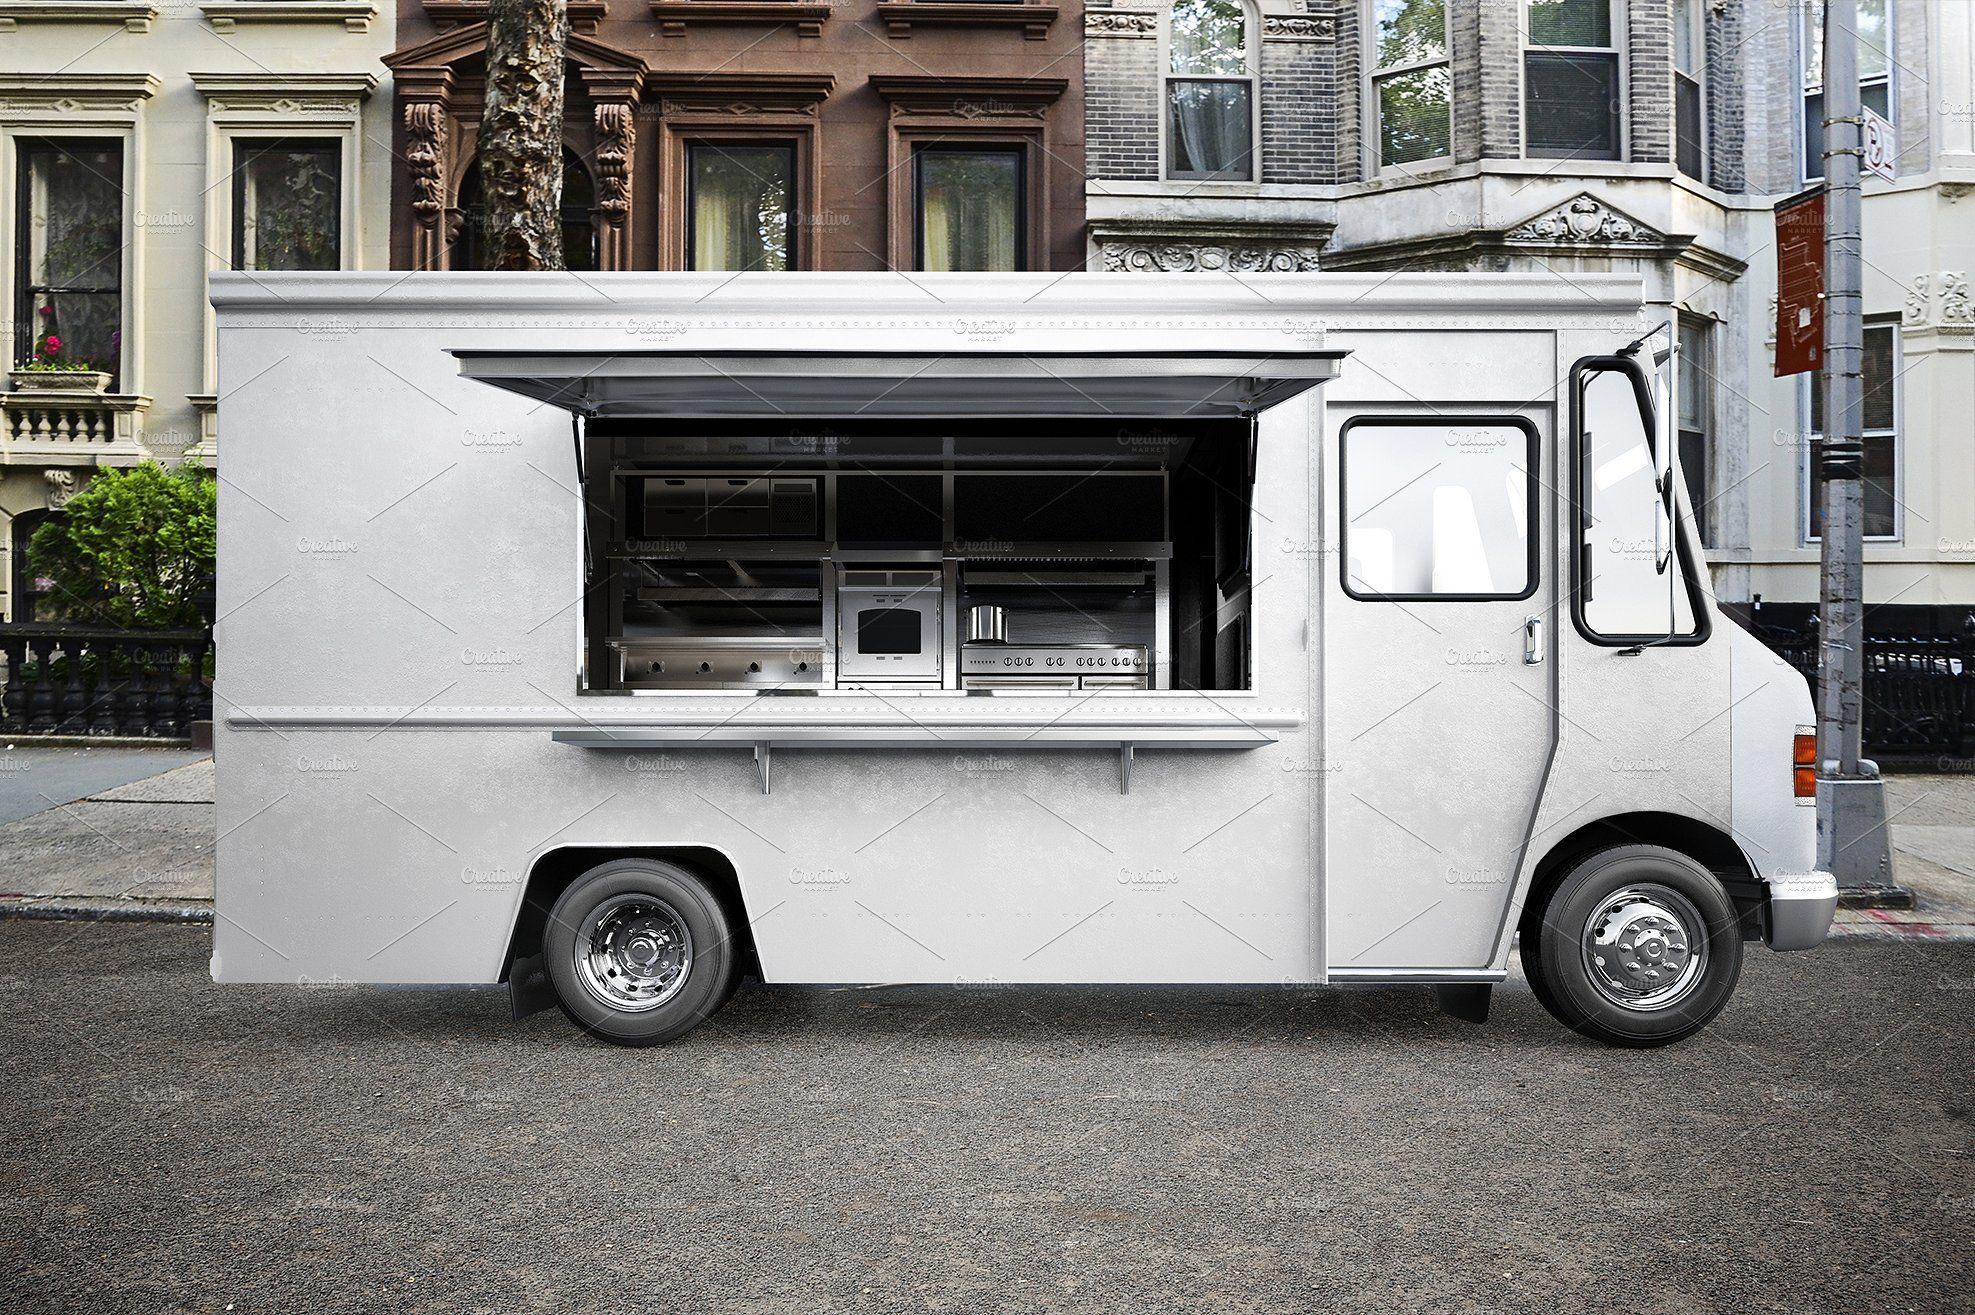 Food Truck Psd Mockup Food Truck Food Ice Cream Shop